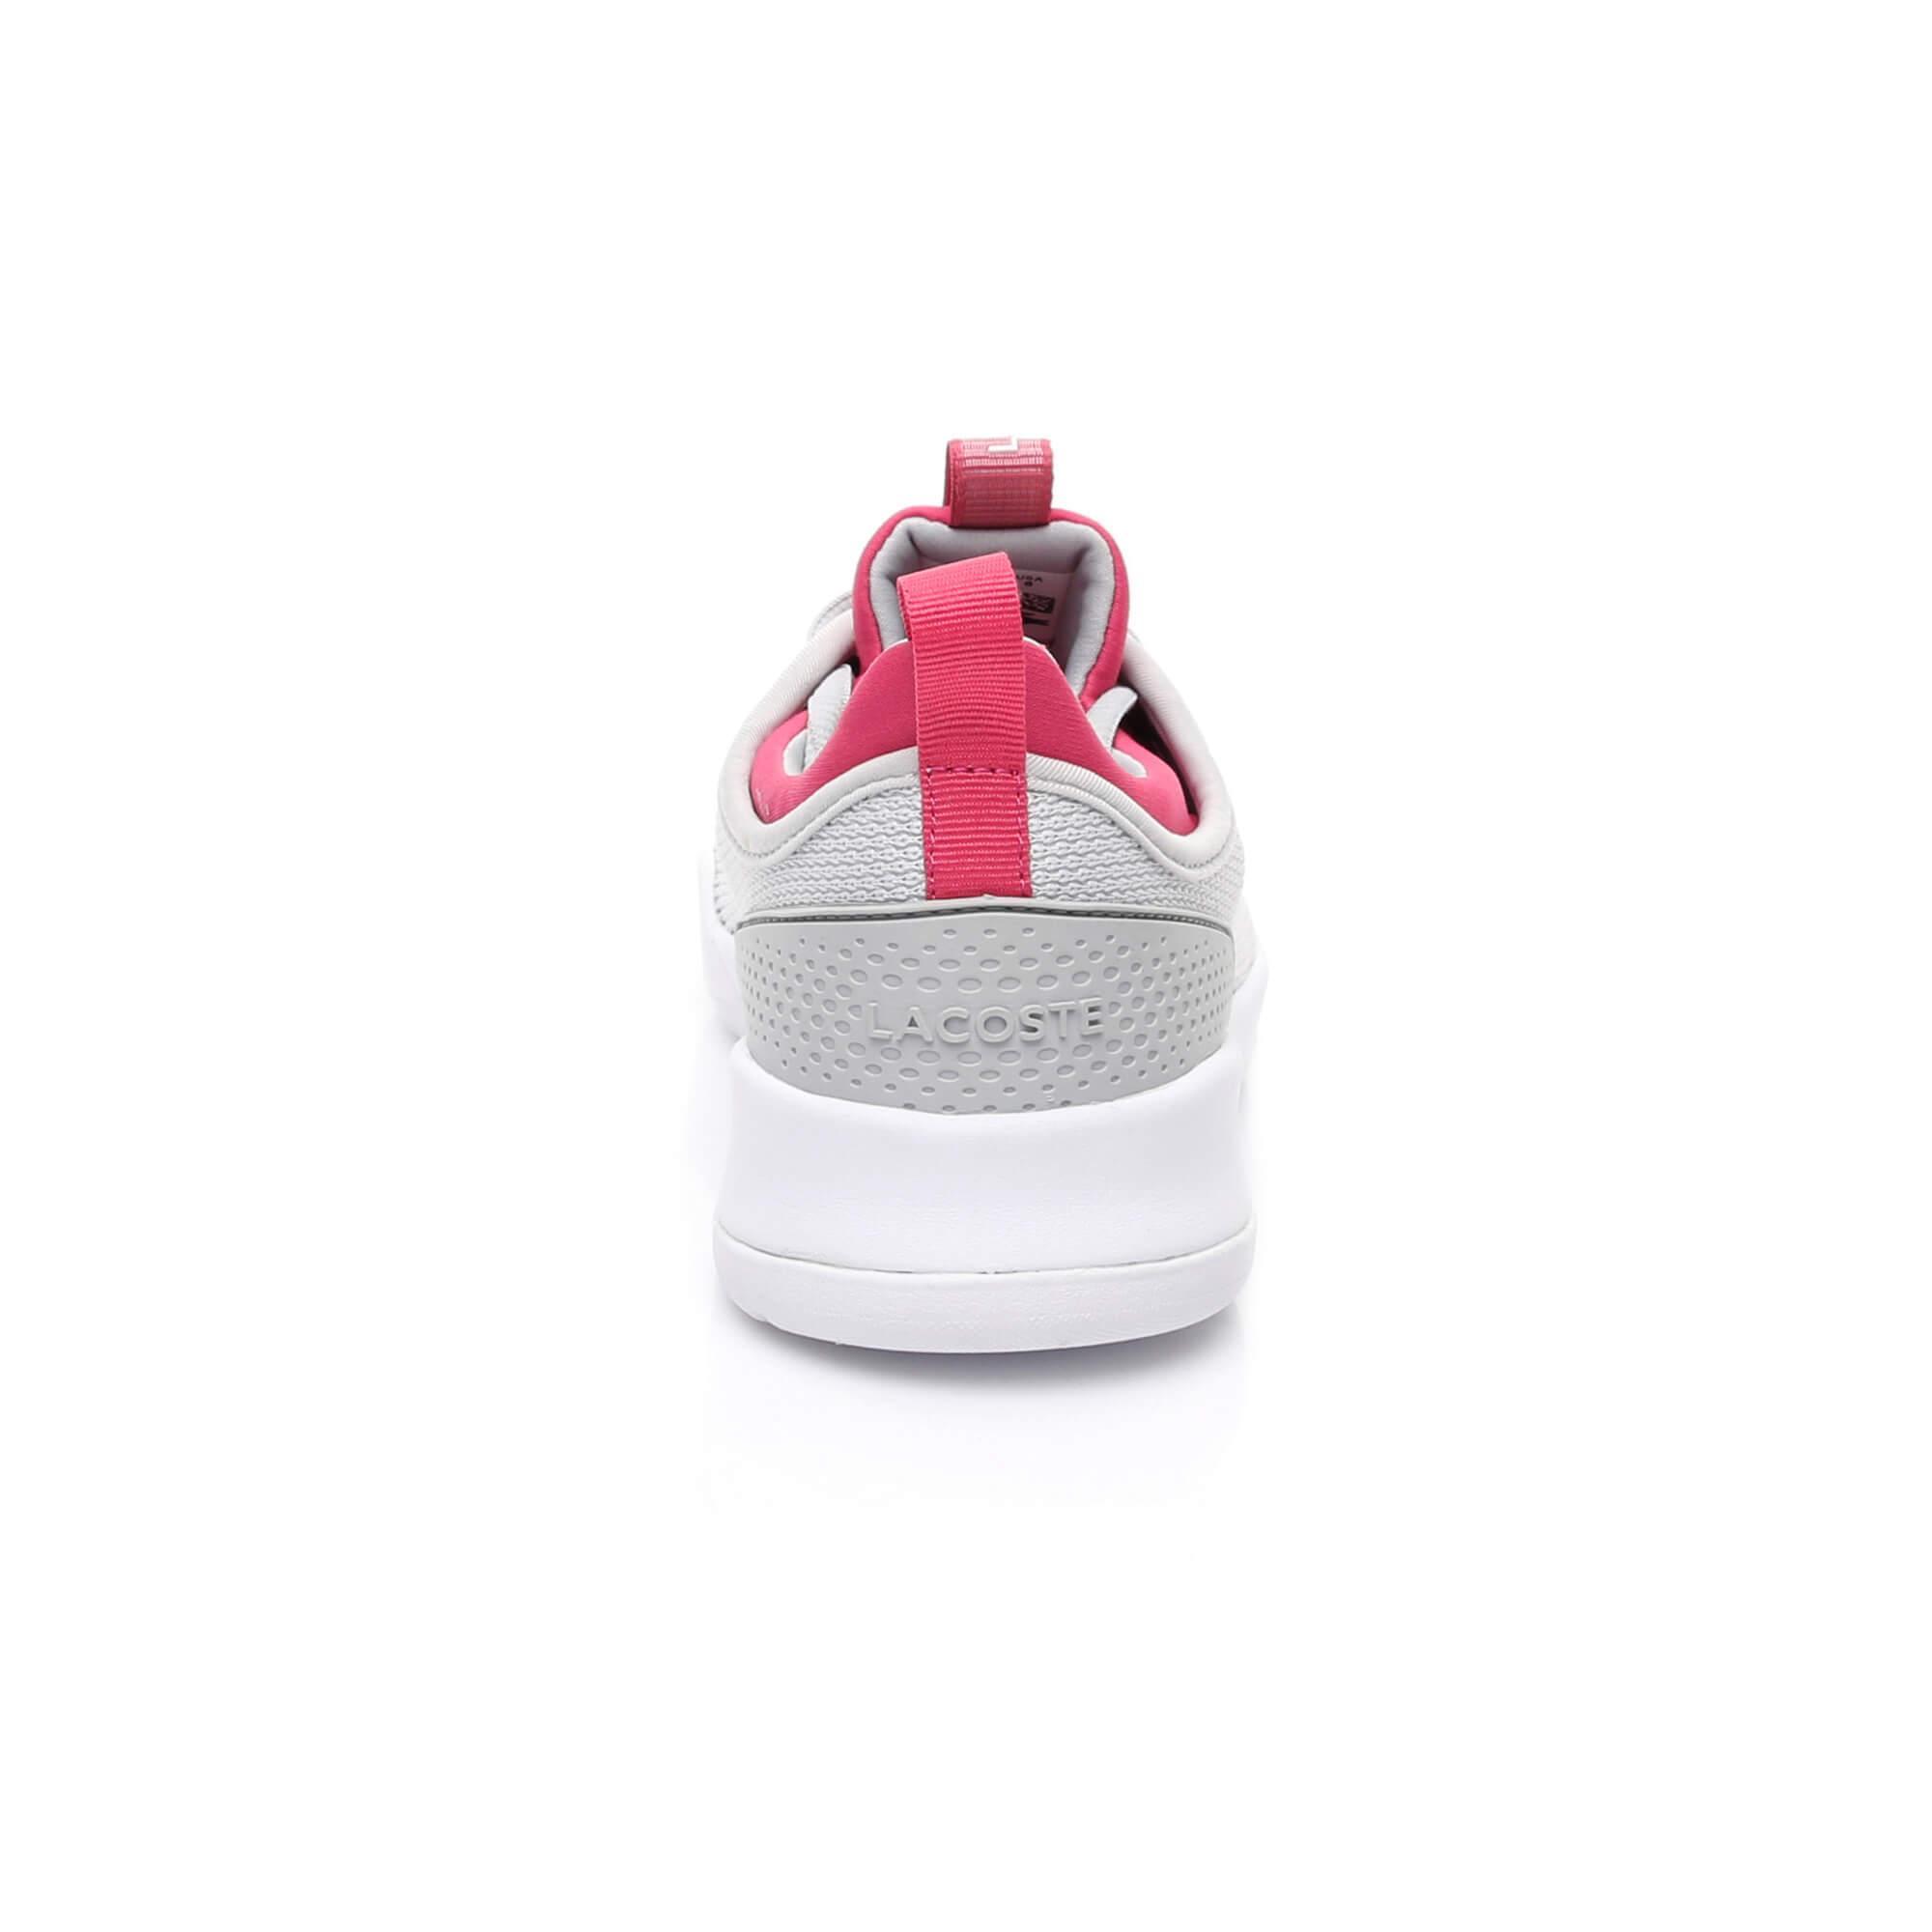 Lacoste кросівки жіночі LT Spirit